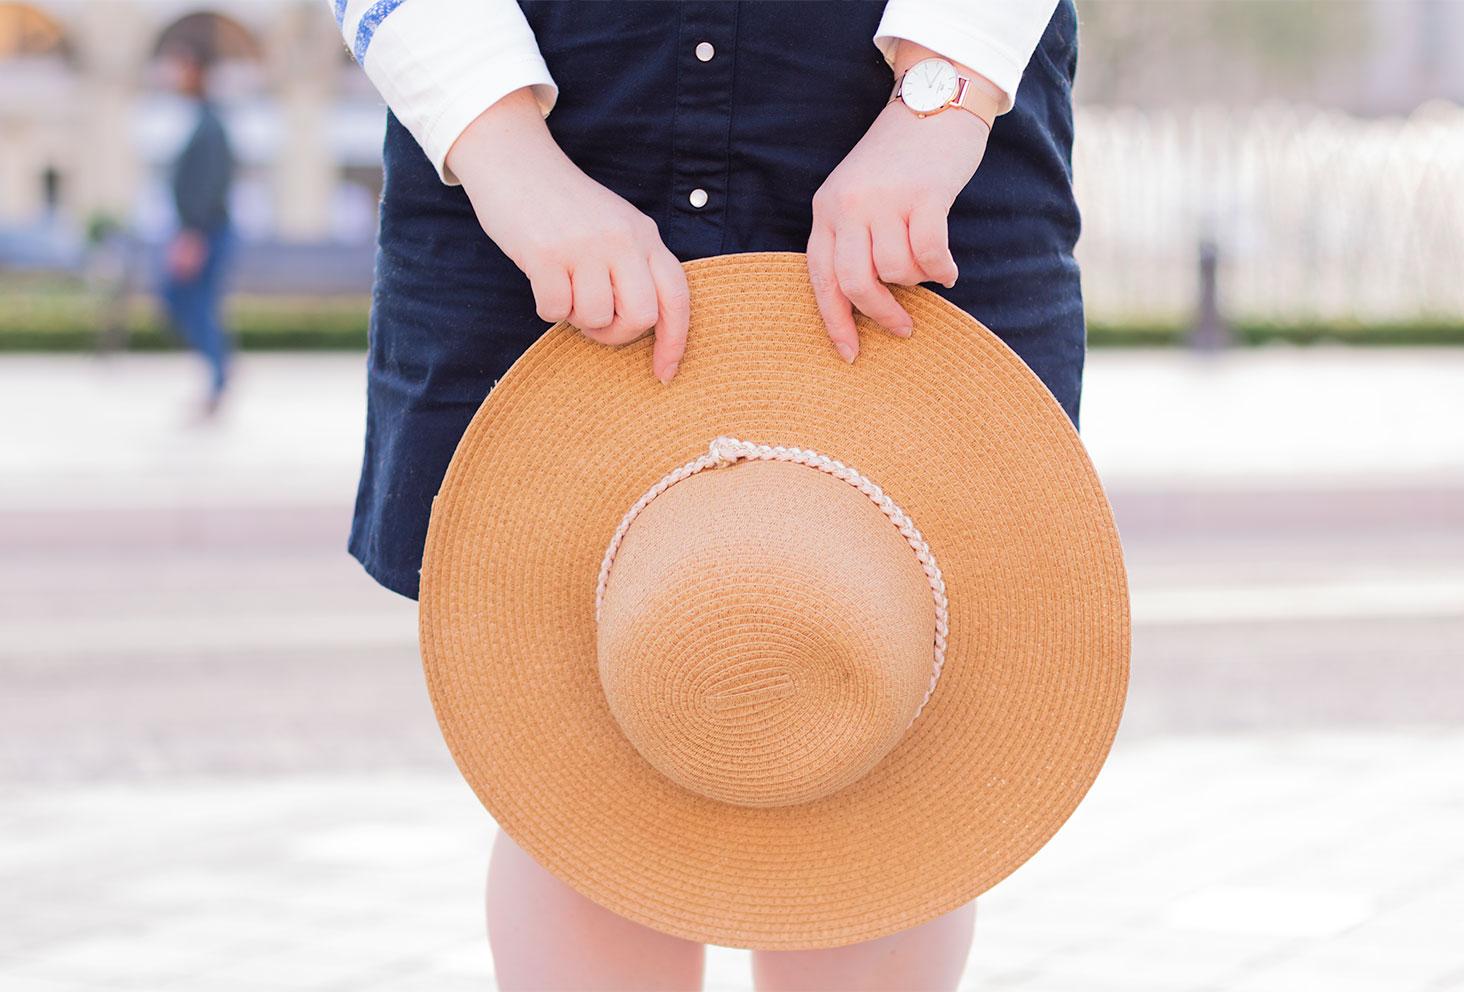 Zoom sur un chapeau en paille tenue entre les mains